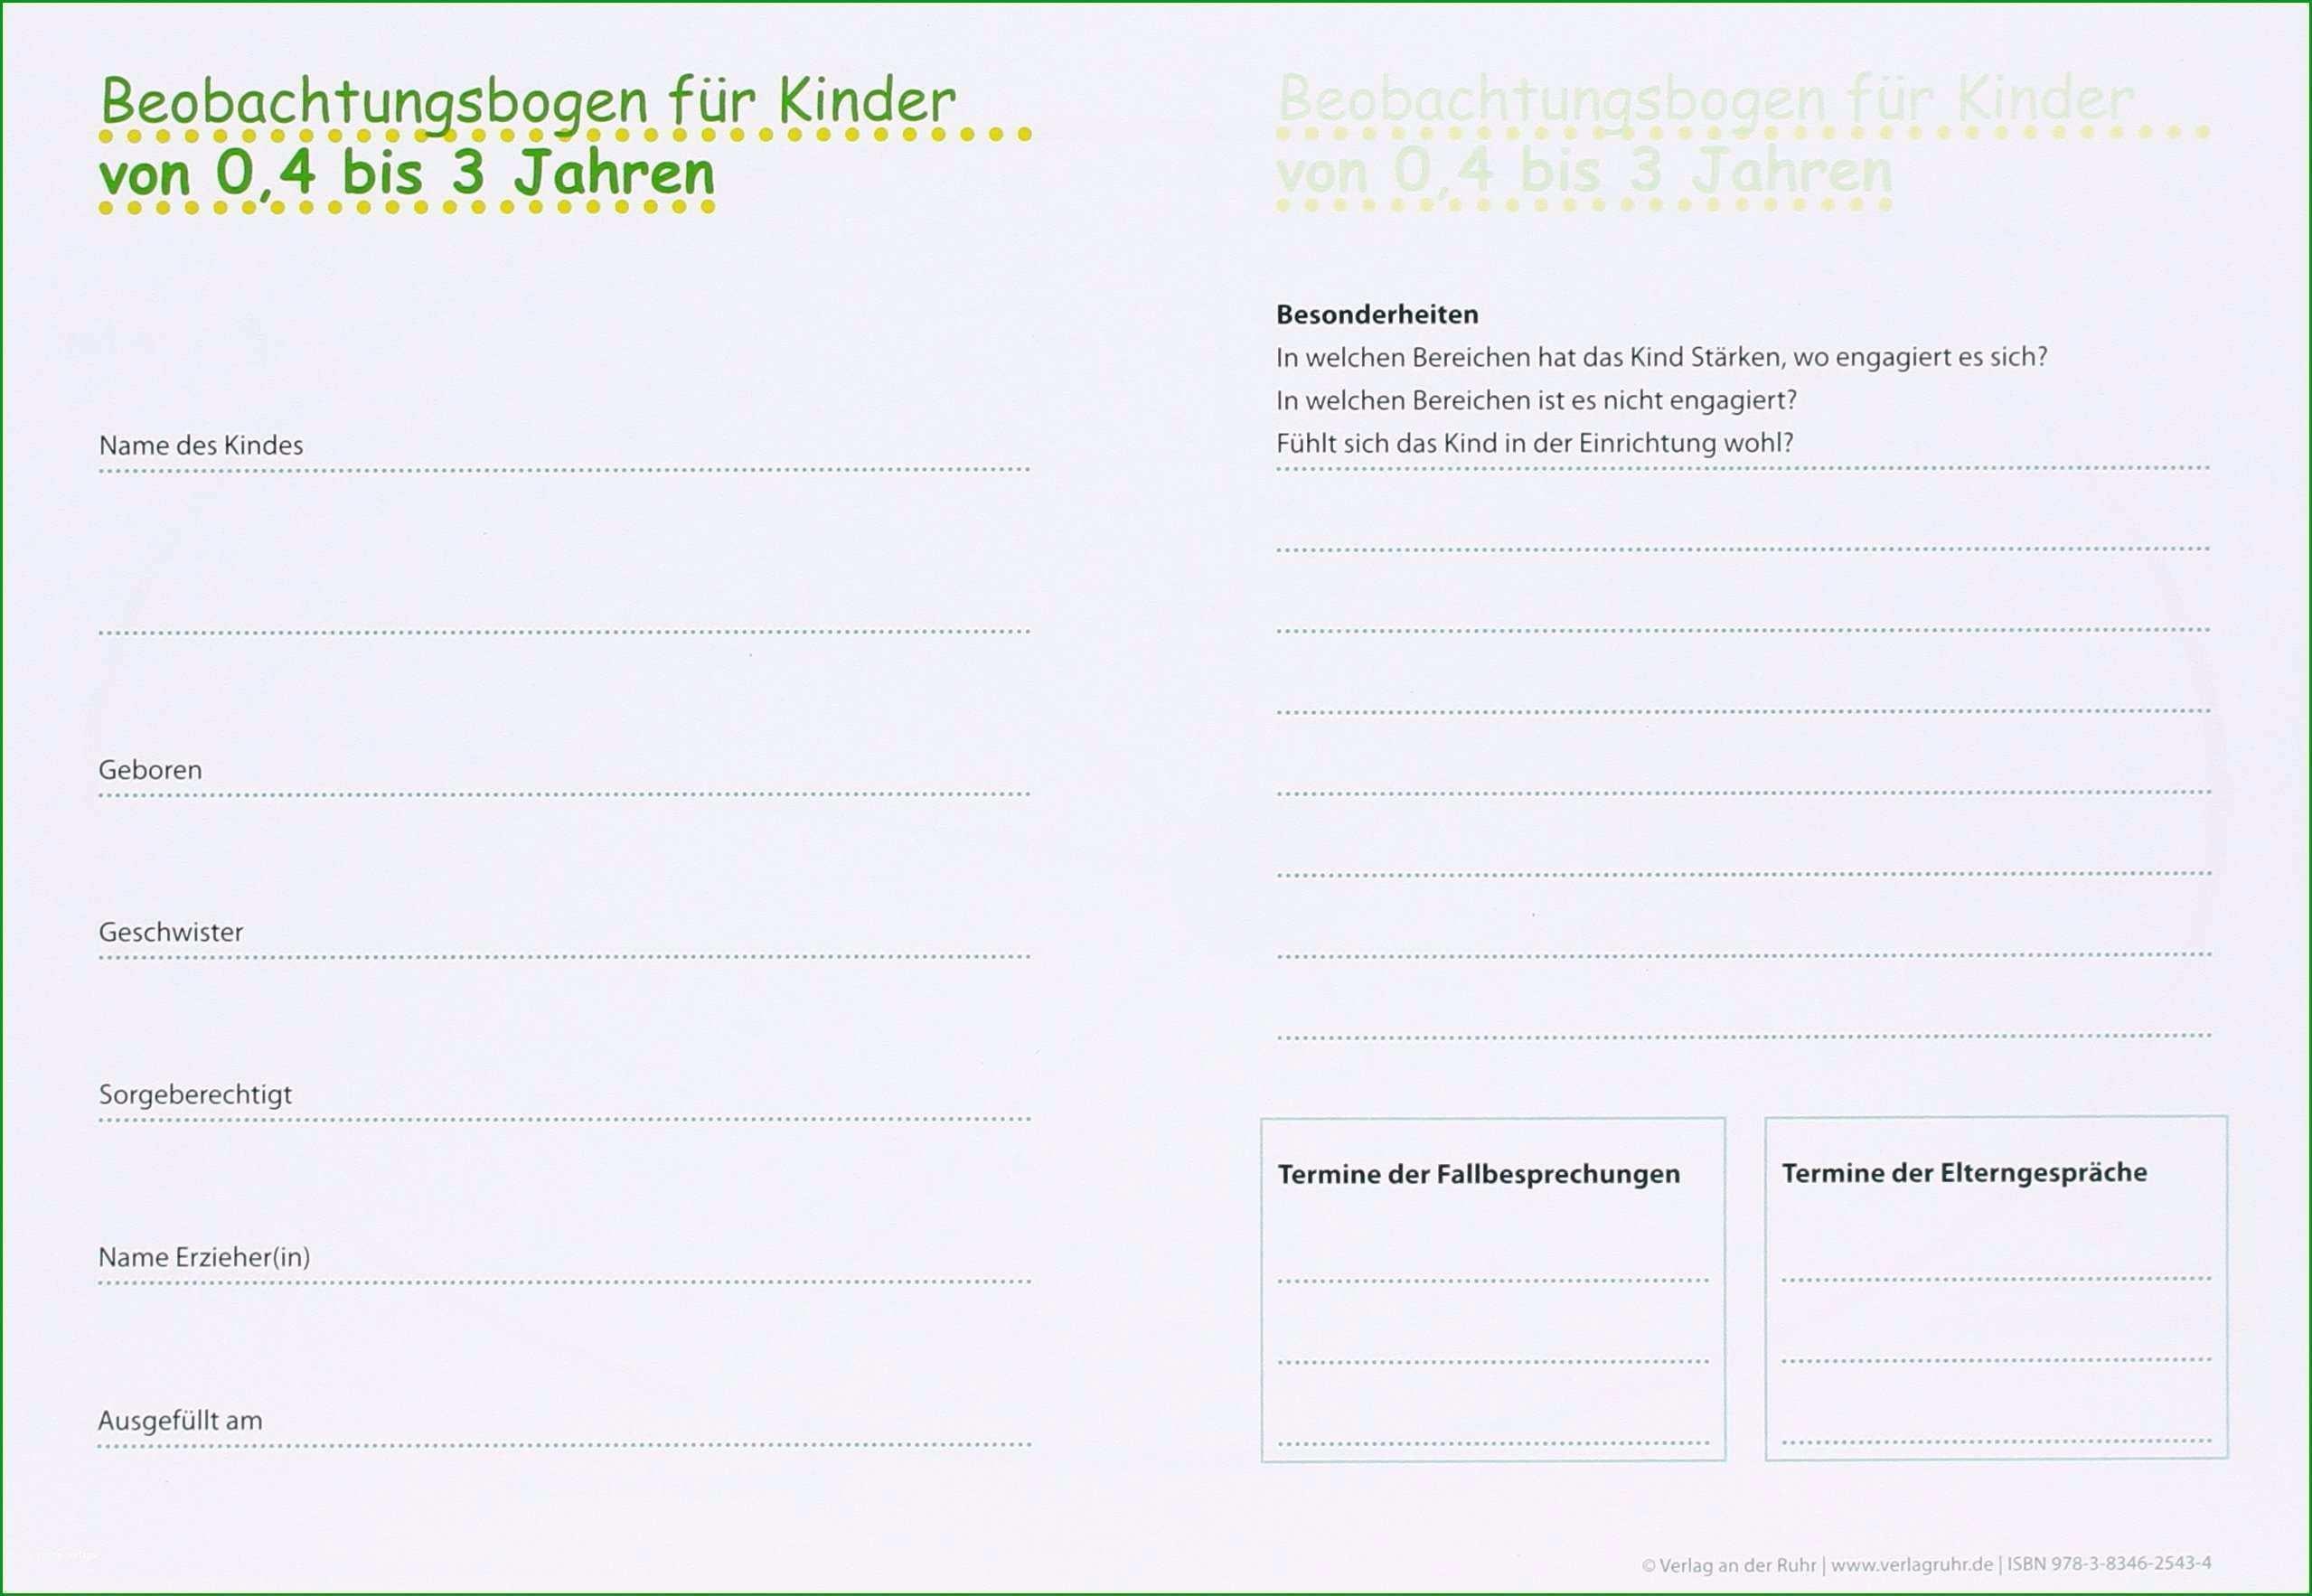 beobachtungsbogen kindergarten muster frisch beobachtungsbogen krippe vorlage der beste charmant krippe vorlagen